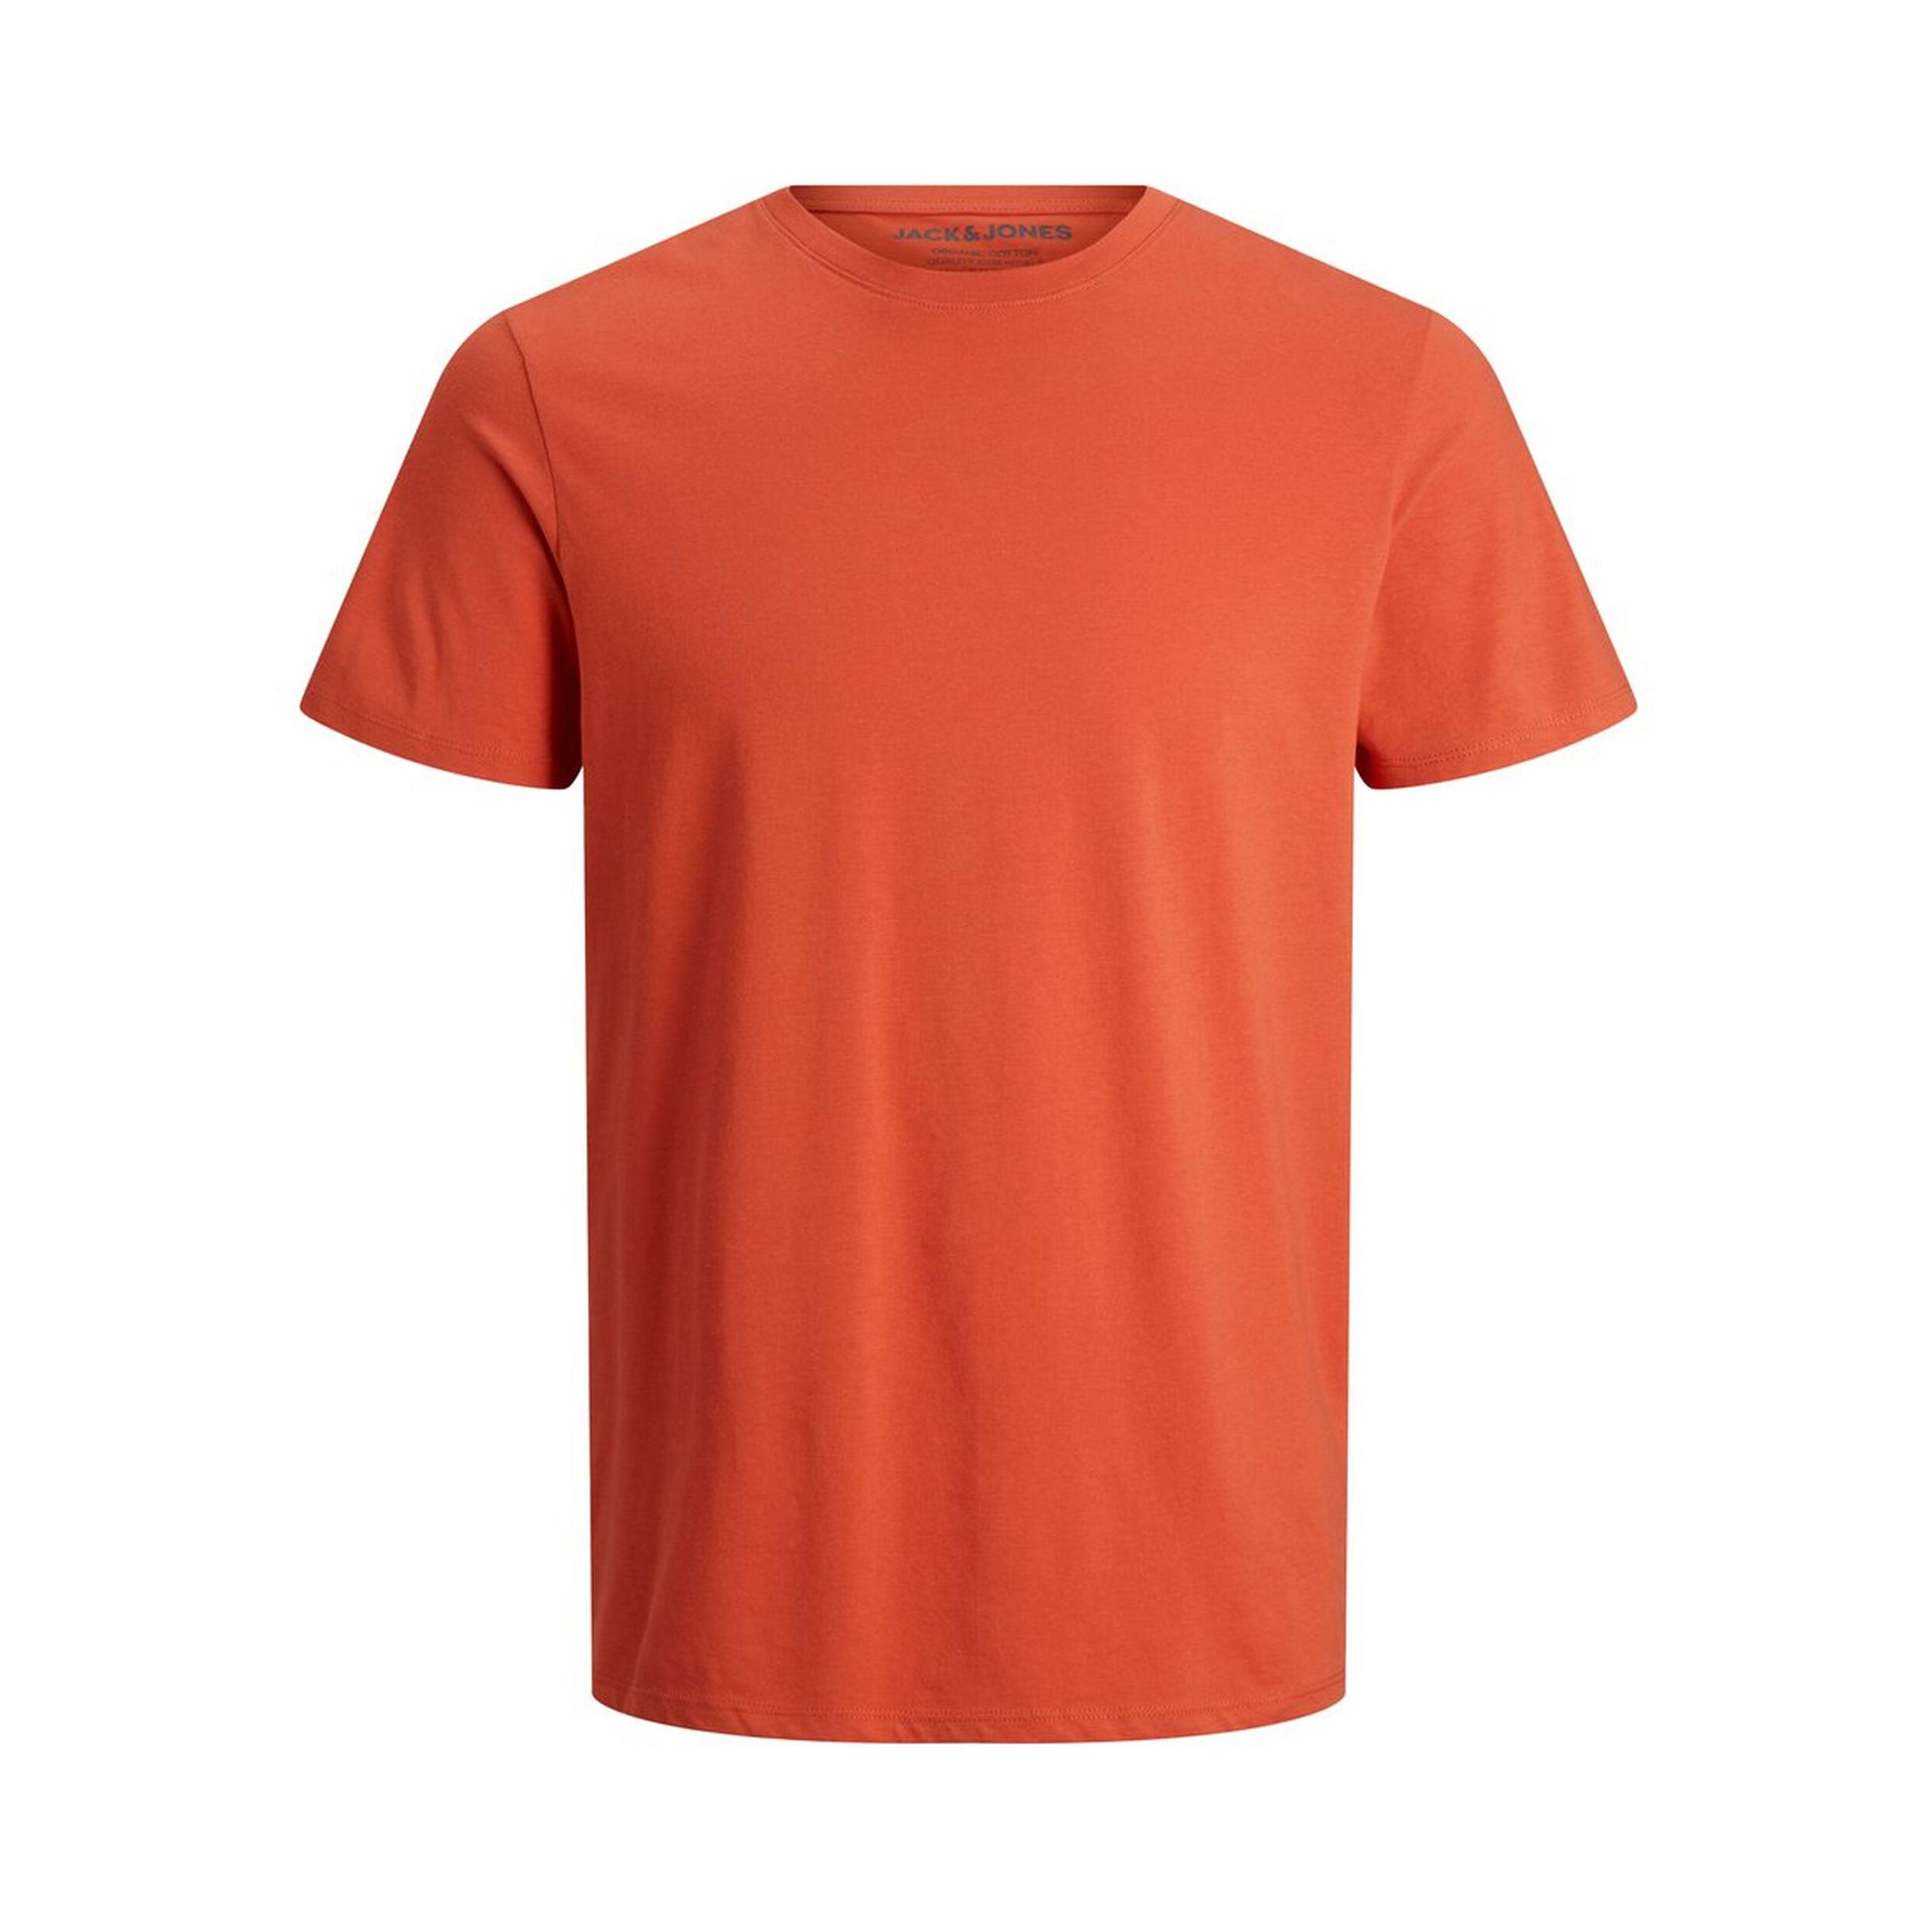 Tee-shirt col rond  organic en coton biologique rouge orangé